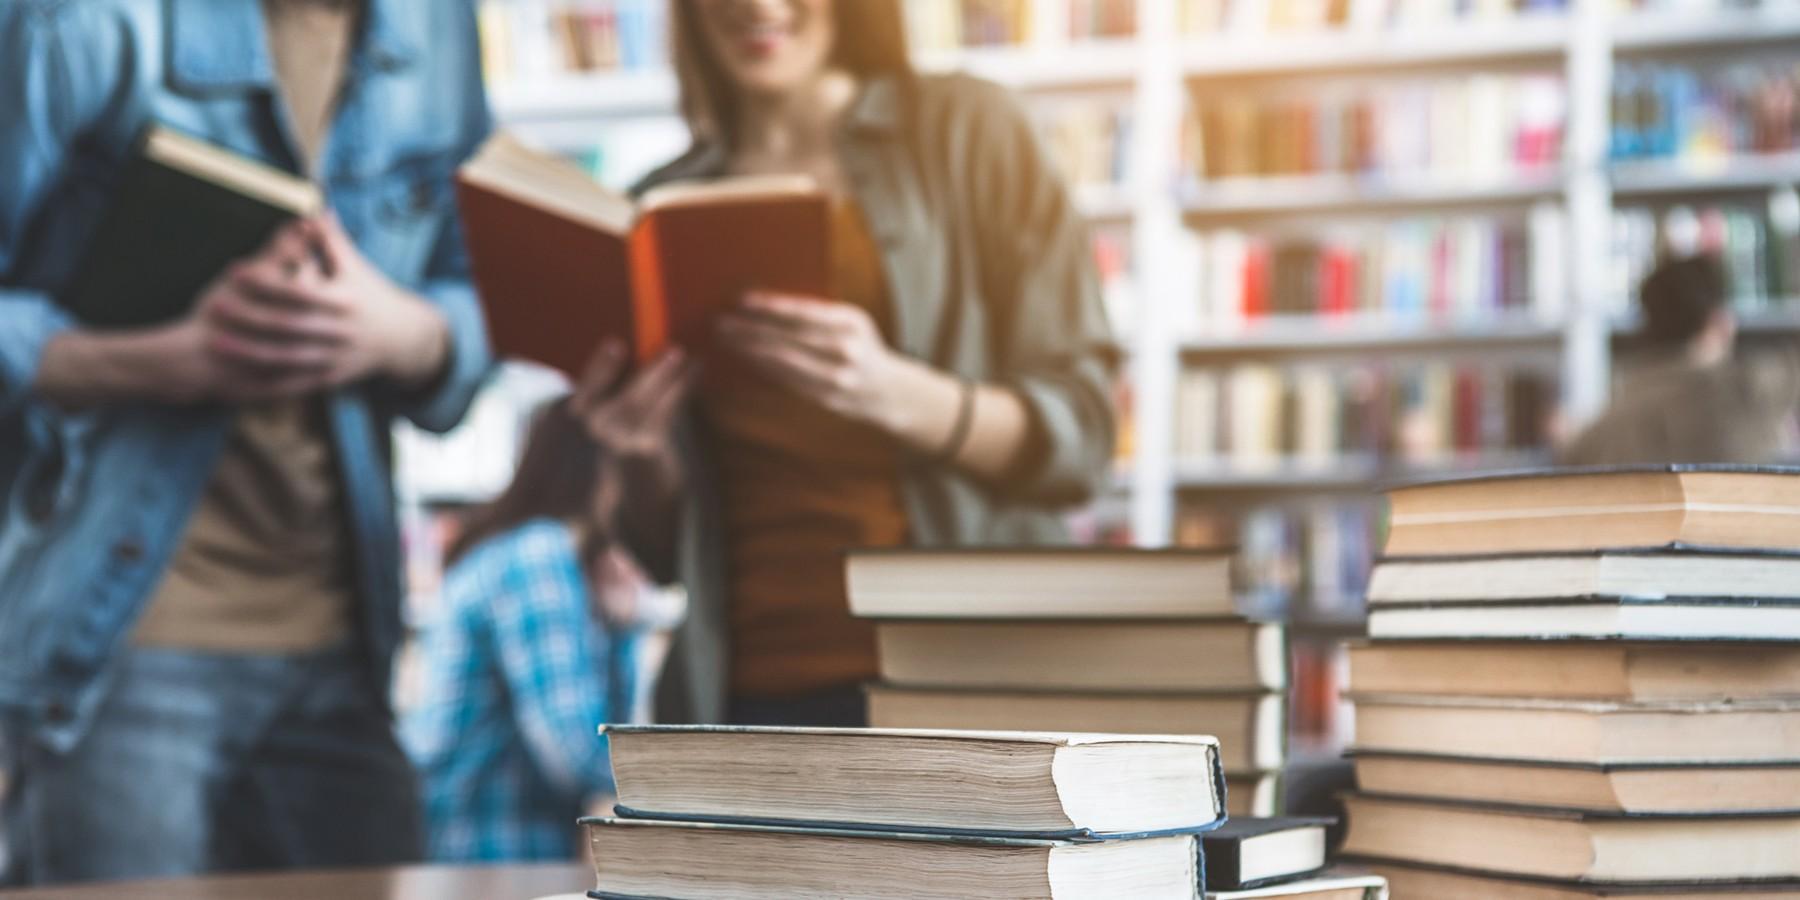 28 сентября 2020 года присвоен гриф УМО по педагогическому образованию